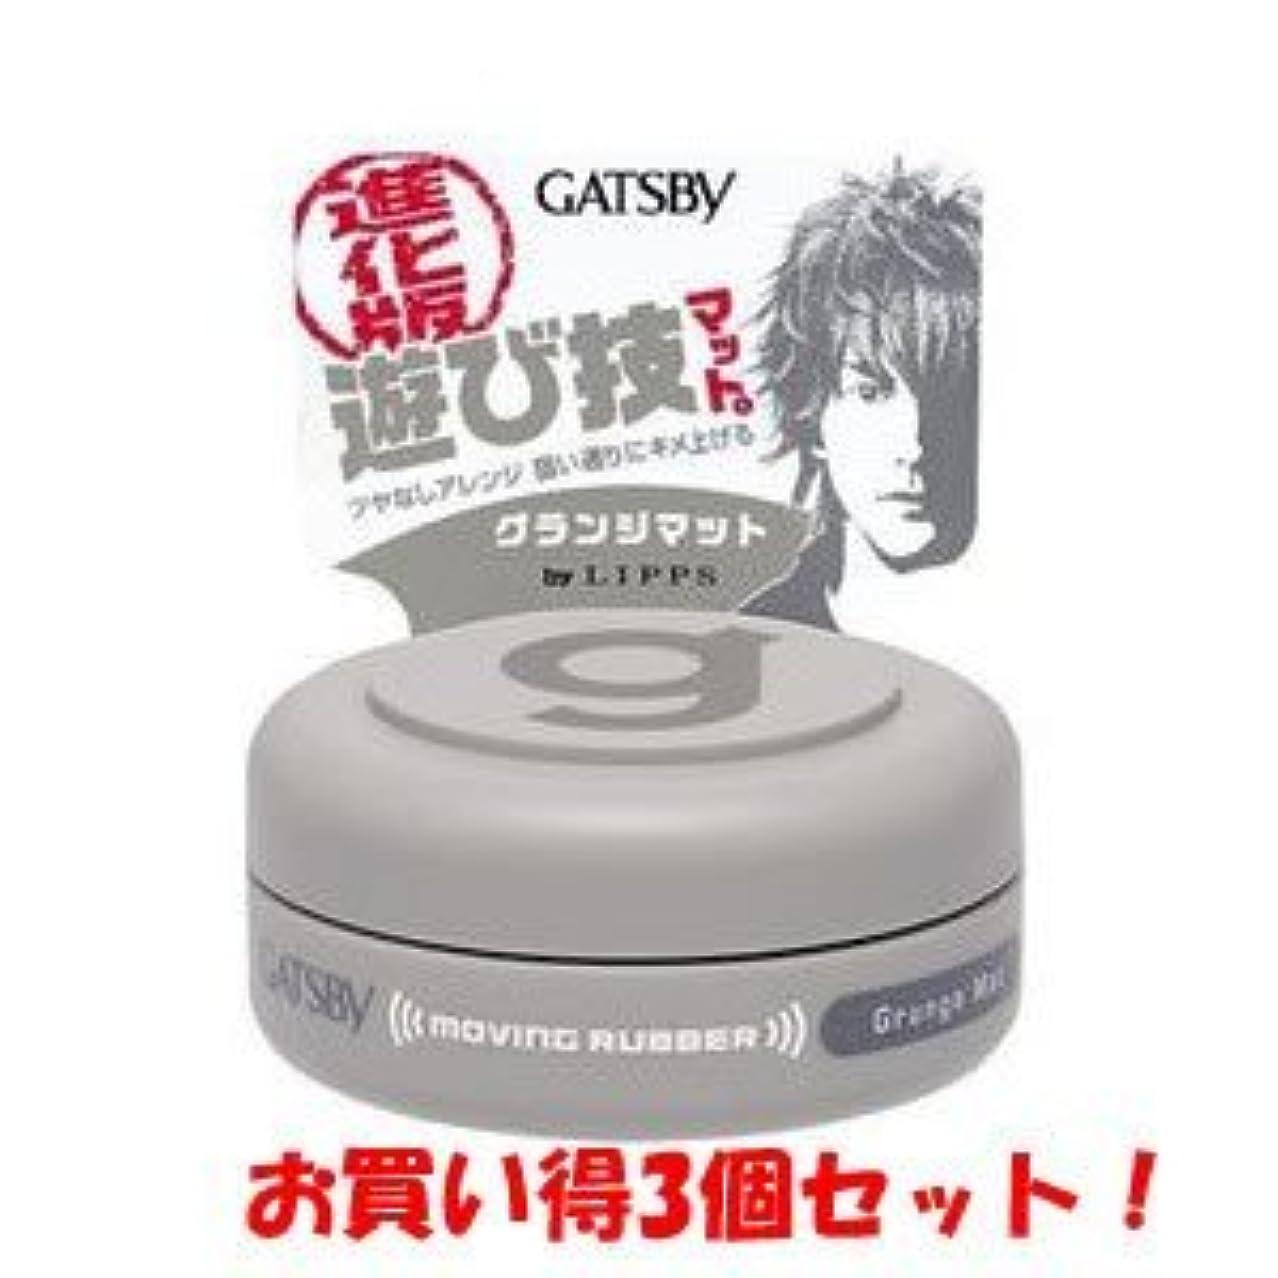 メンターローブ集中ギャツビー【GATSBY】ムービングラバー グランジマットモバイル 15g(お買い得3個セット)